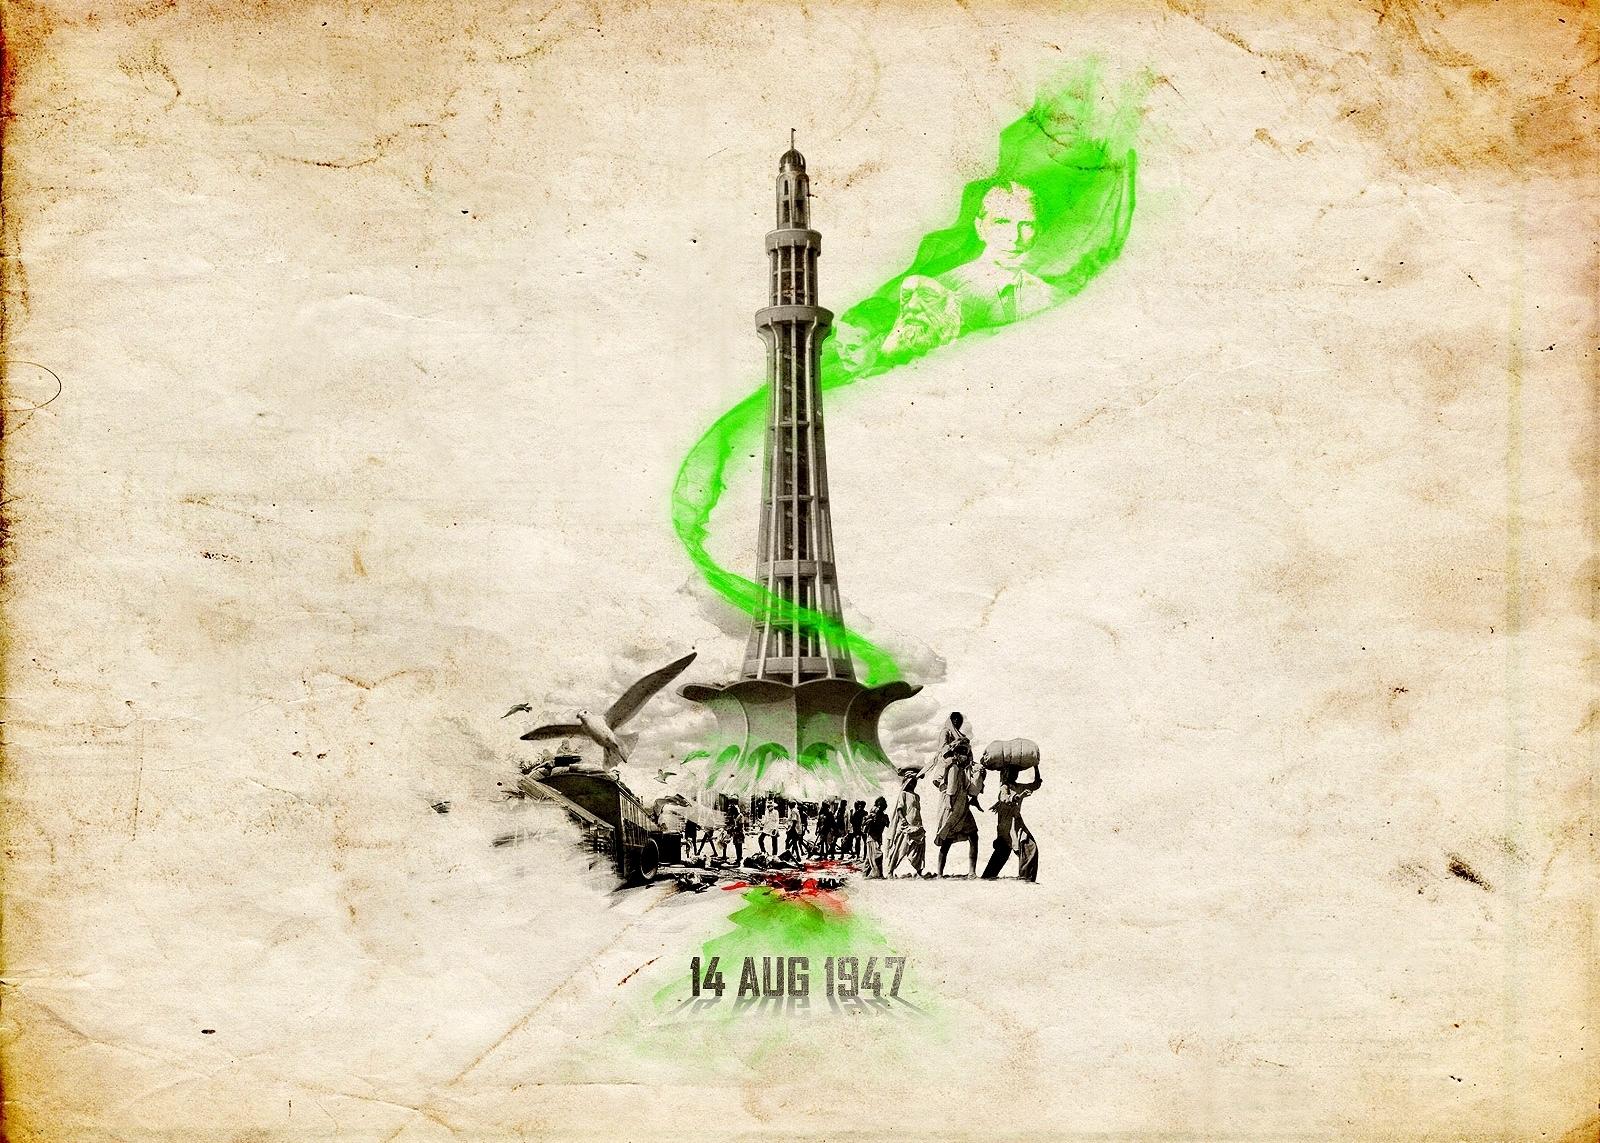 http://1.bp.blogspot.com/-A_4EmkSBcvk/UYOX1eMrzNI/AAAAAAAACVo/cx_M3s0Nwgs/s1600/pakistan-14-august-wallpaper.jpg